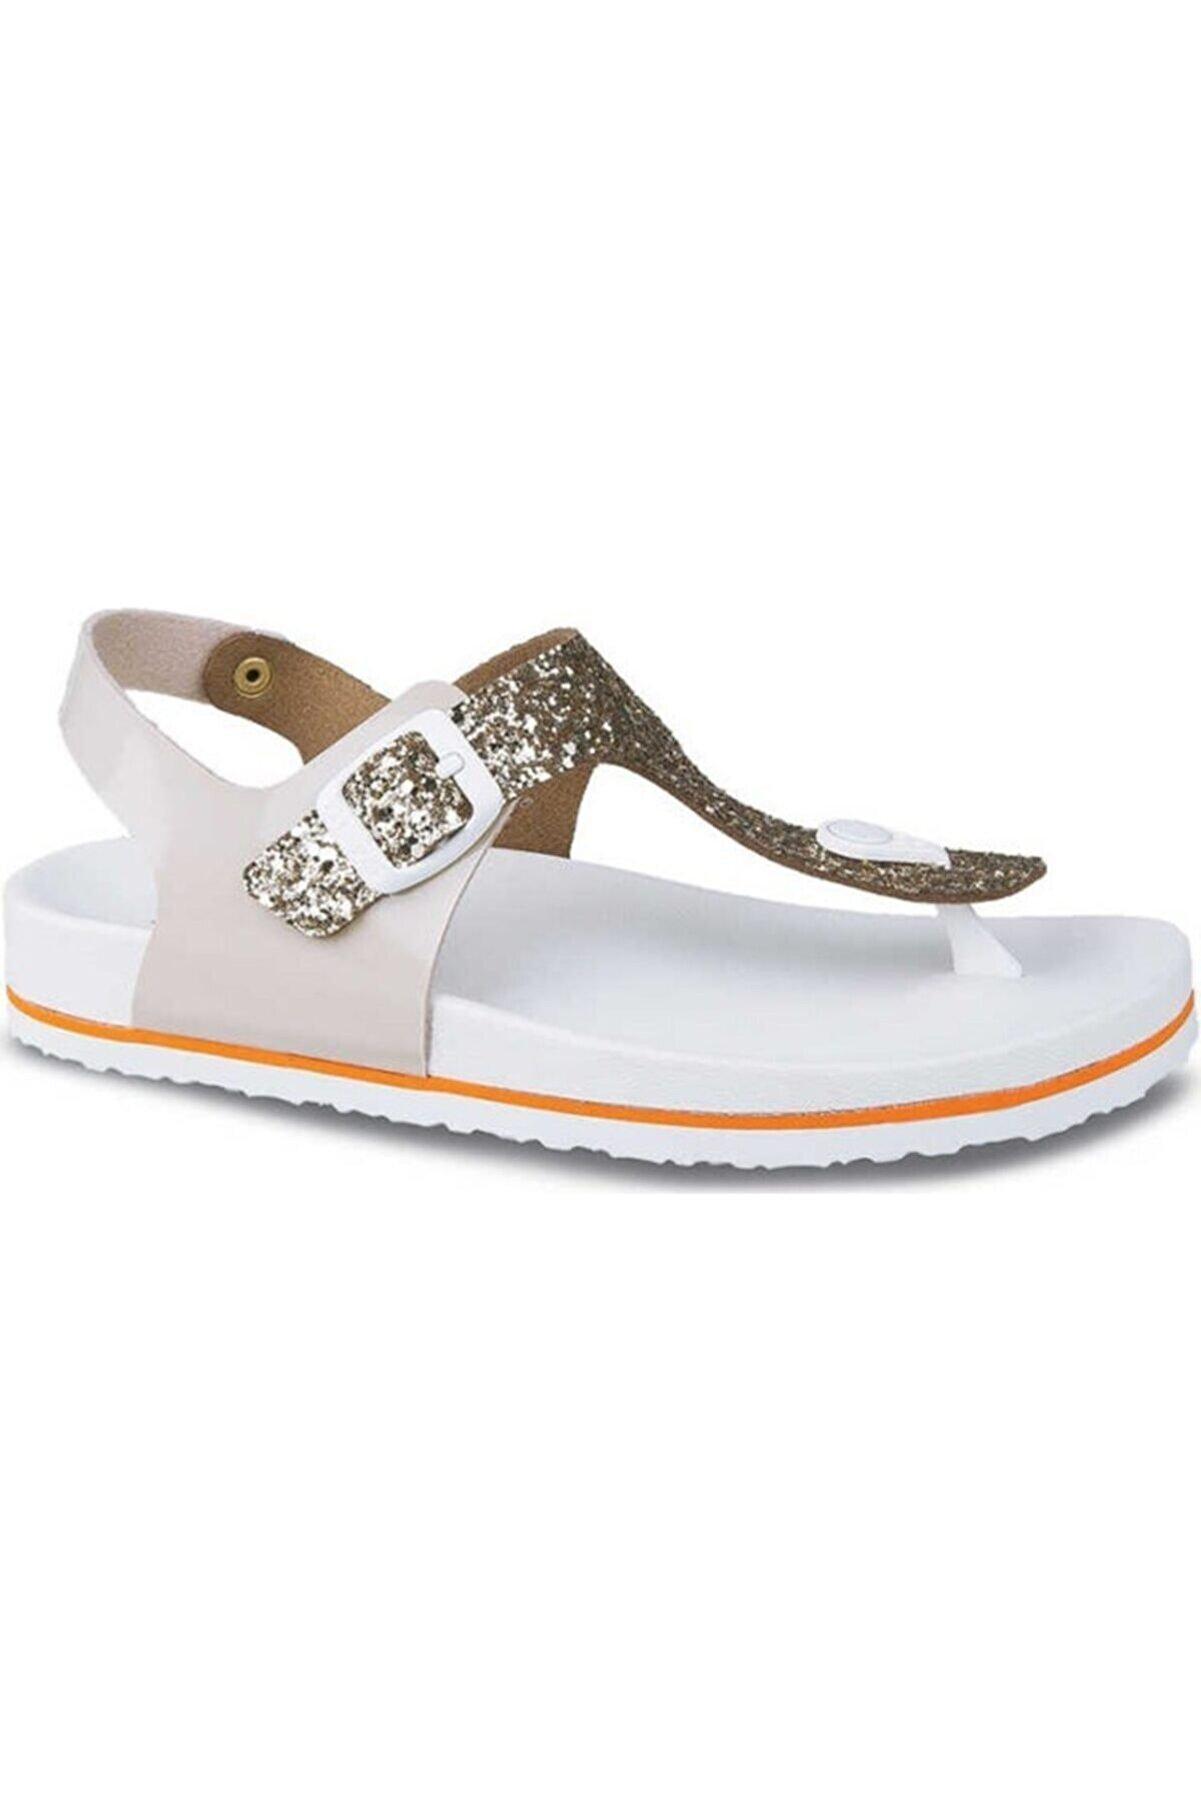 Ceyo 9970-2 Beyaza Kadın Sandalet